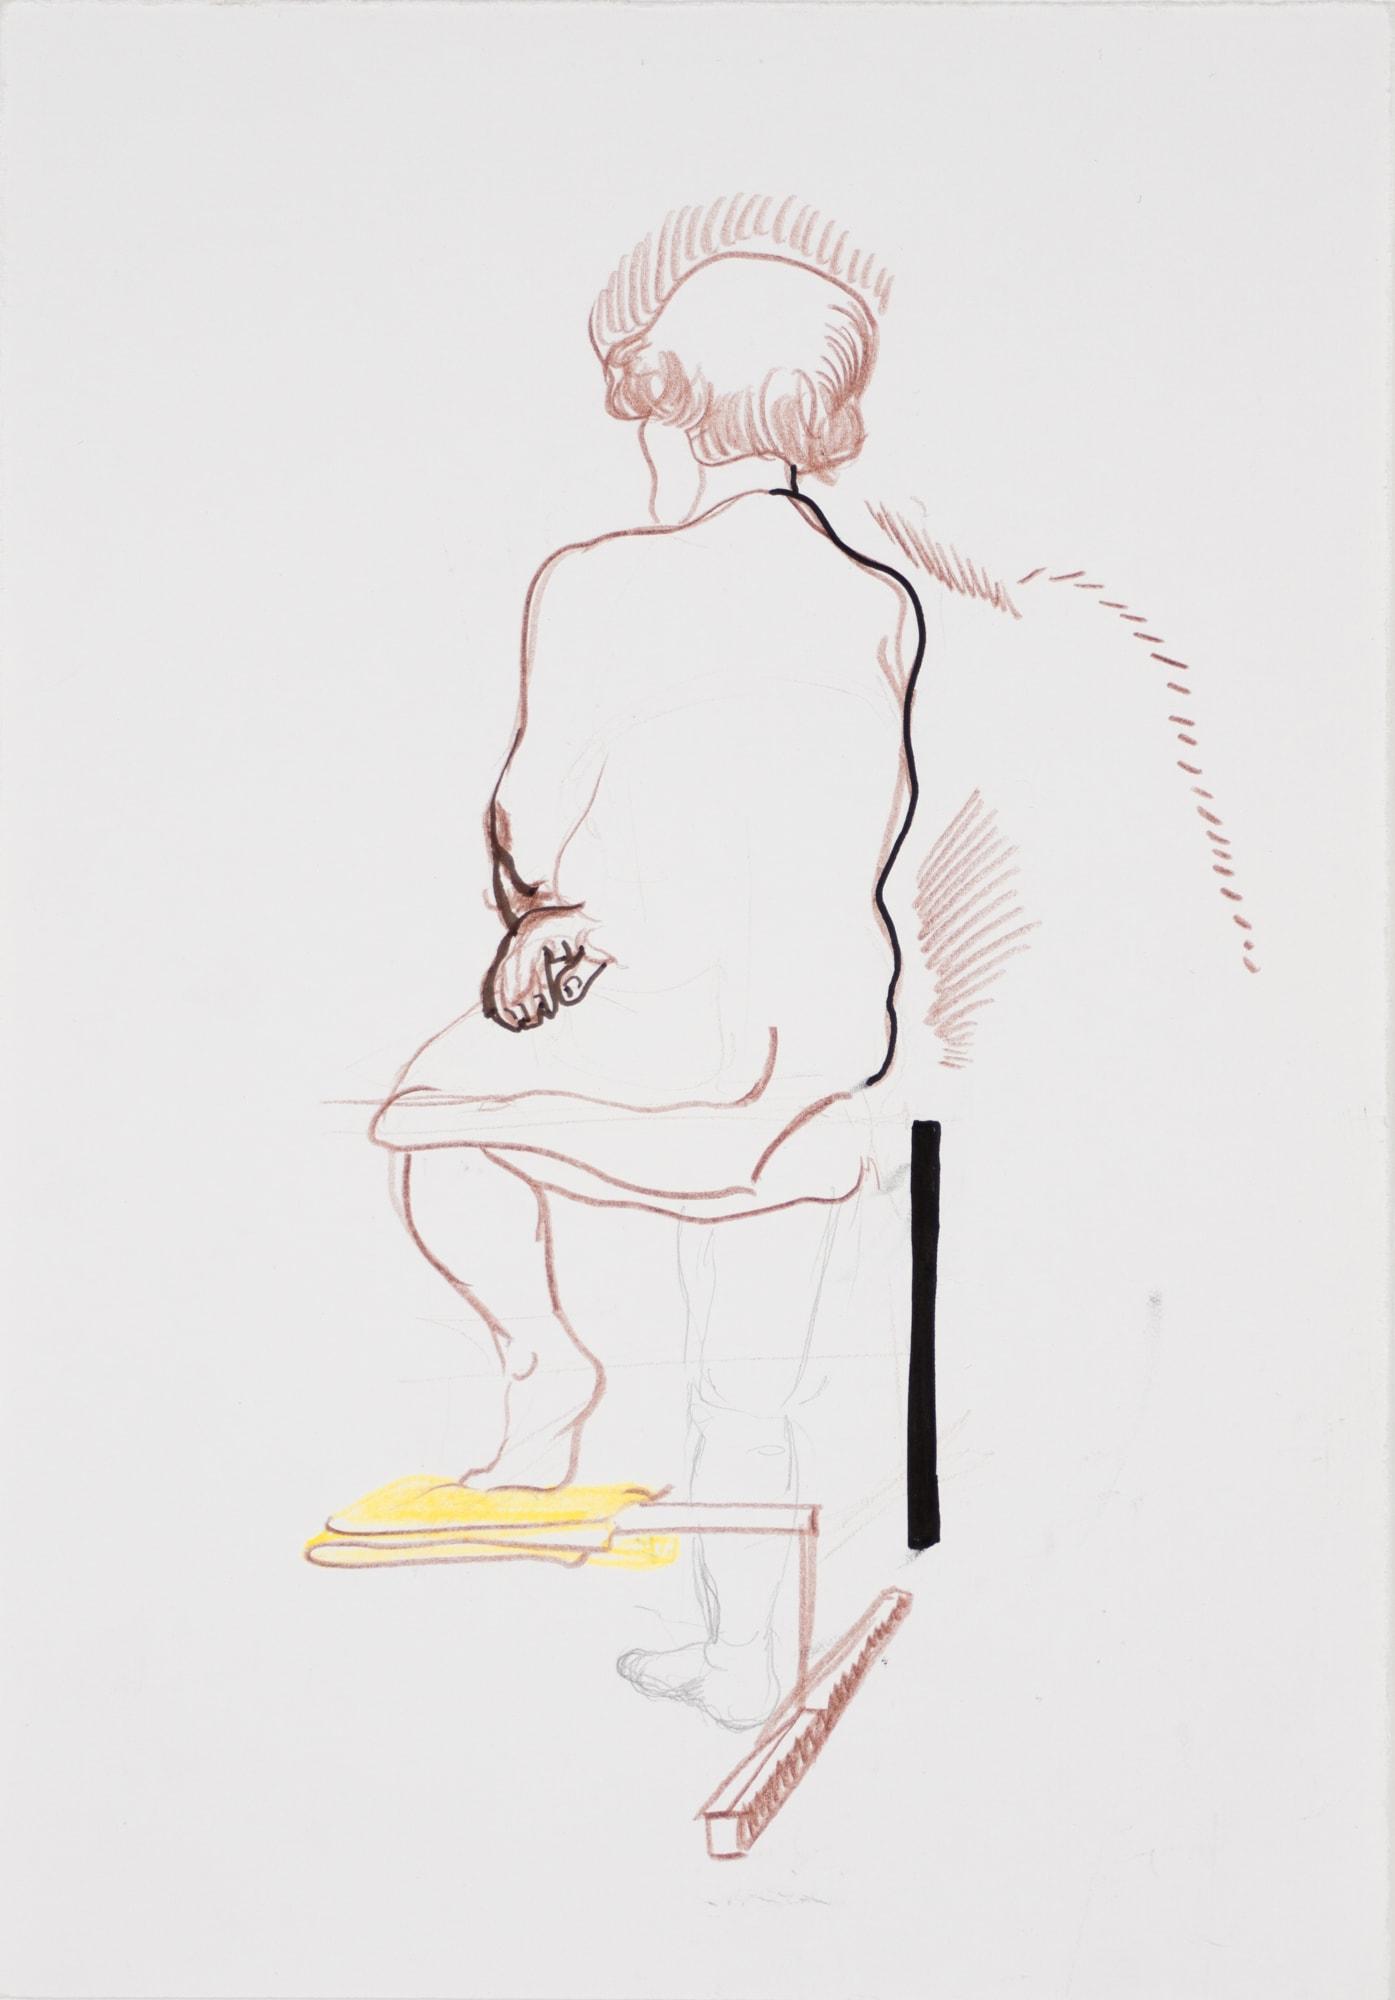 Zeichnung, Farbstift und Tusche auf Papier, 30x40cm, Akt, Künstlerin: Franziska King